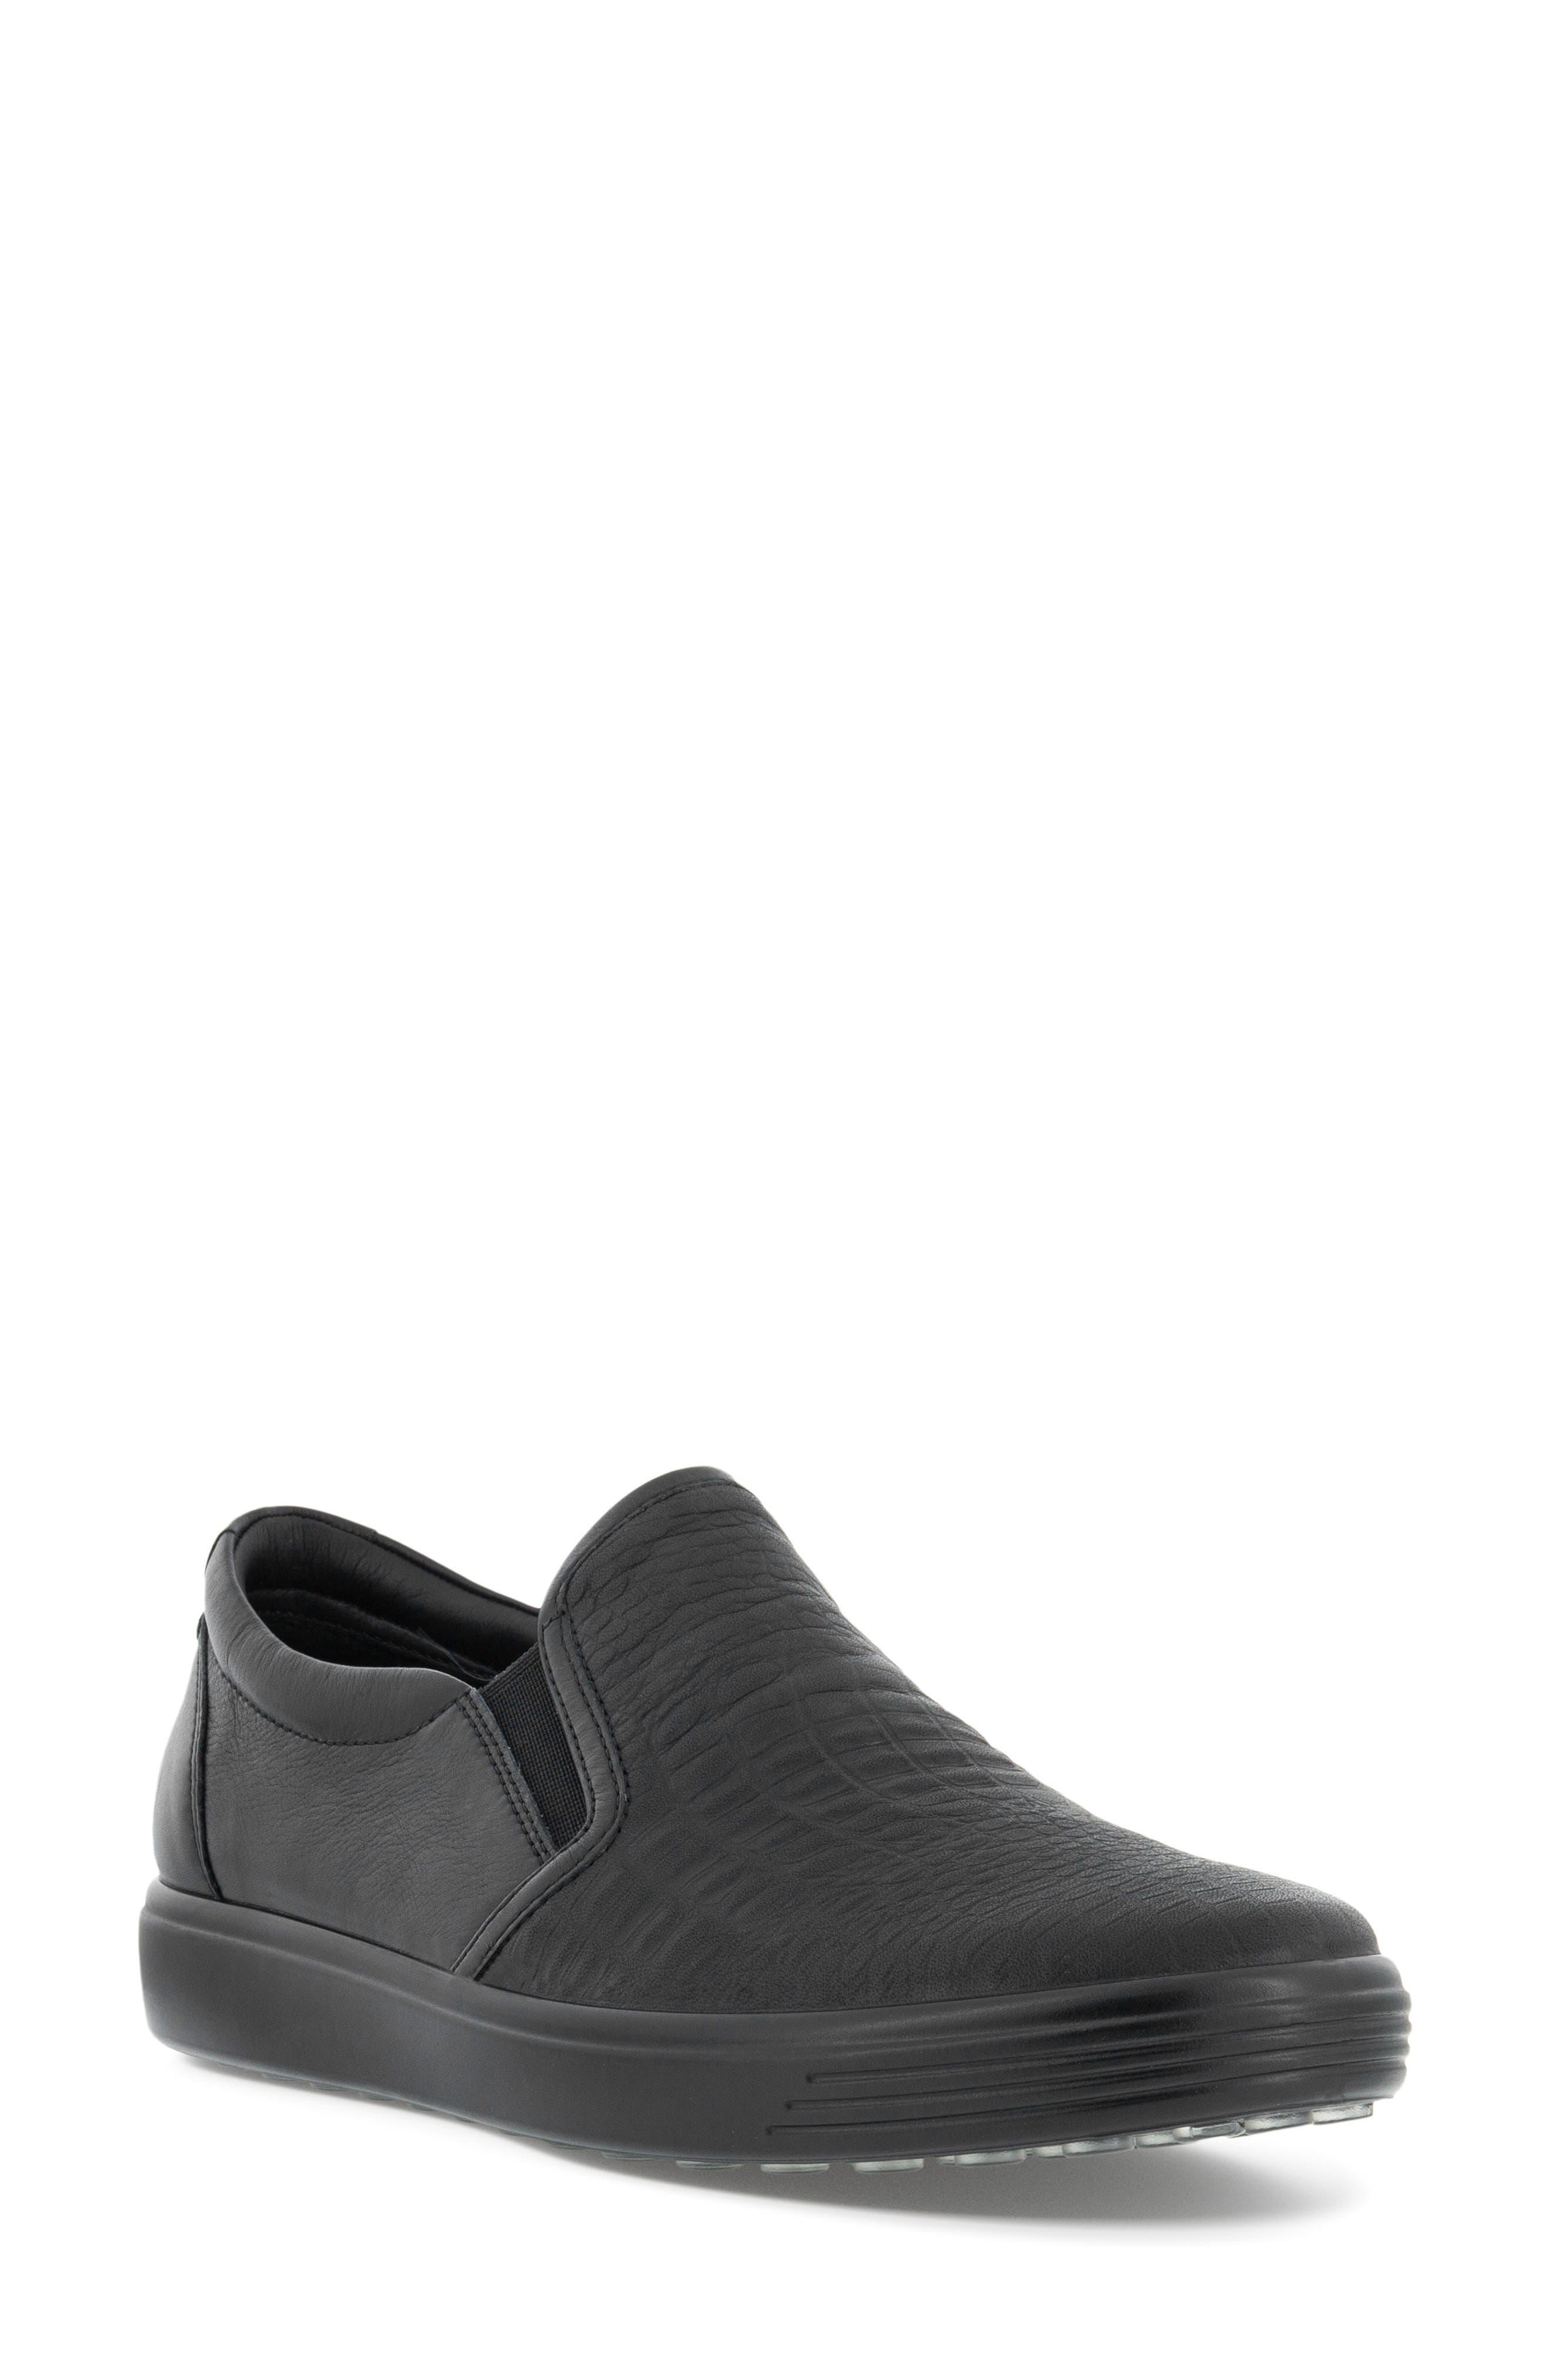 Women's Ecco Soft 7 Street Slip-On Sneaker